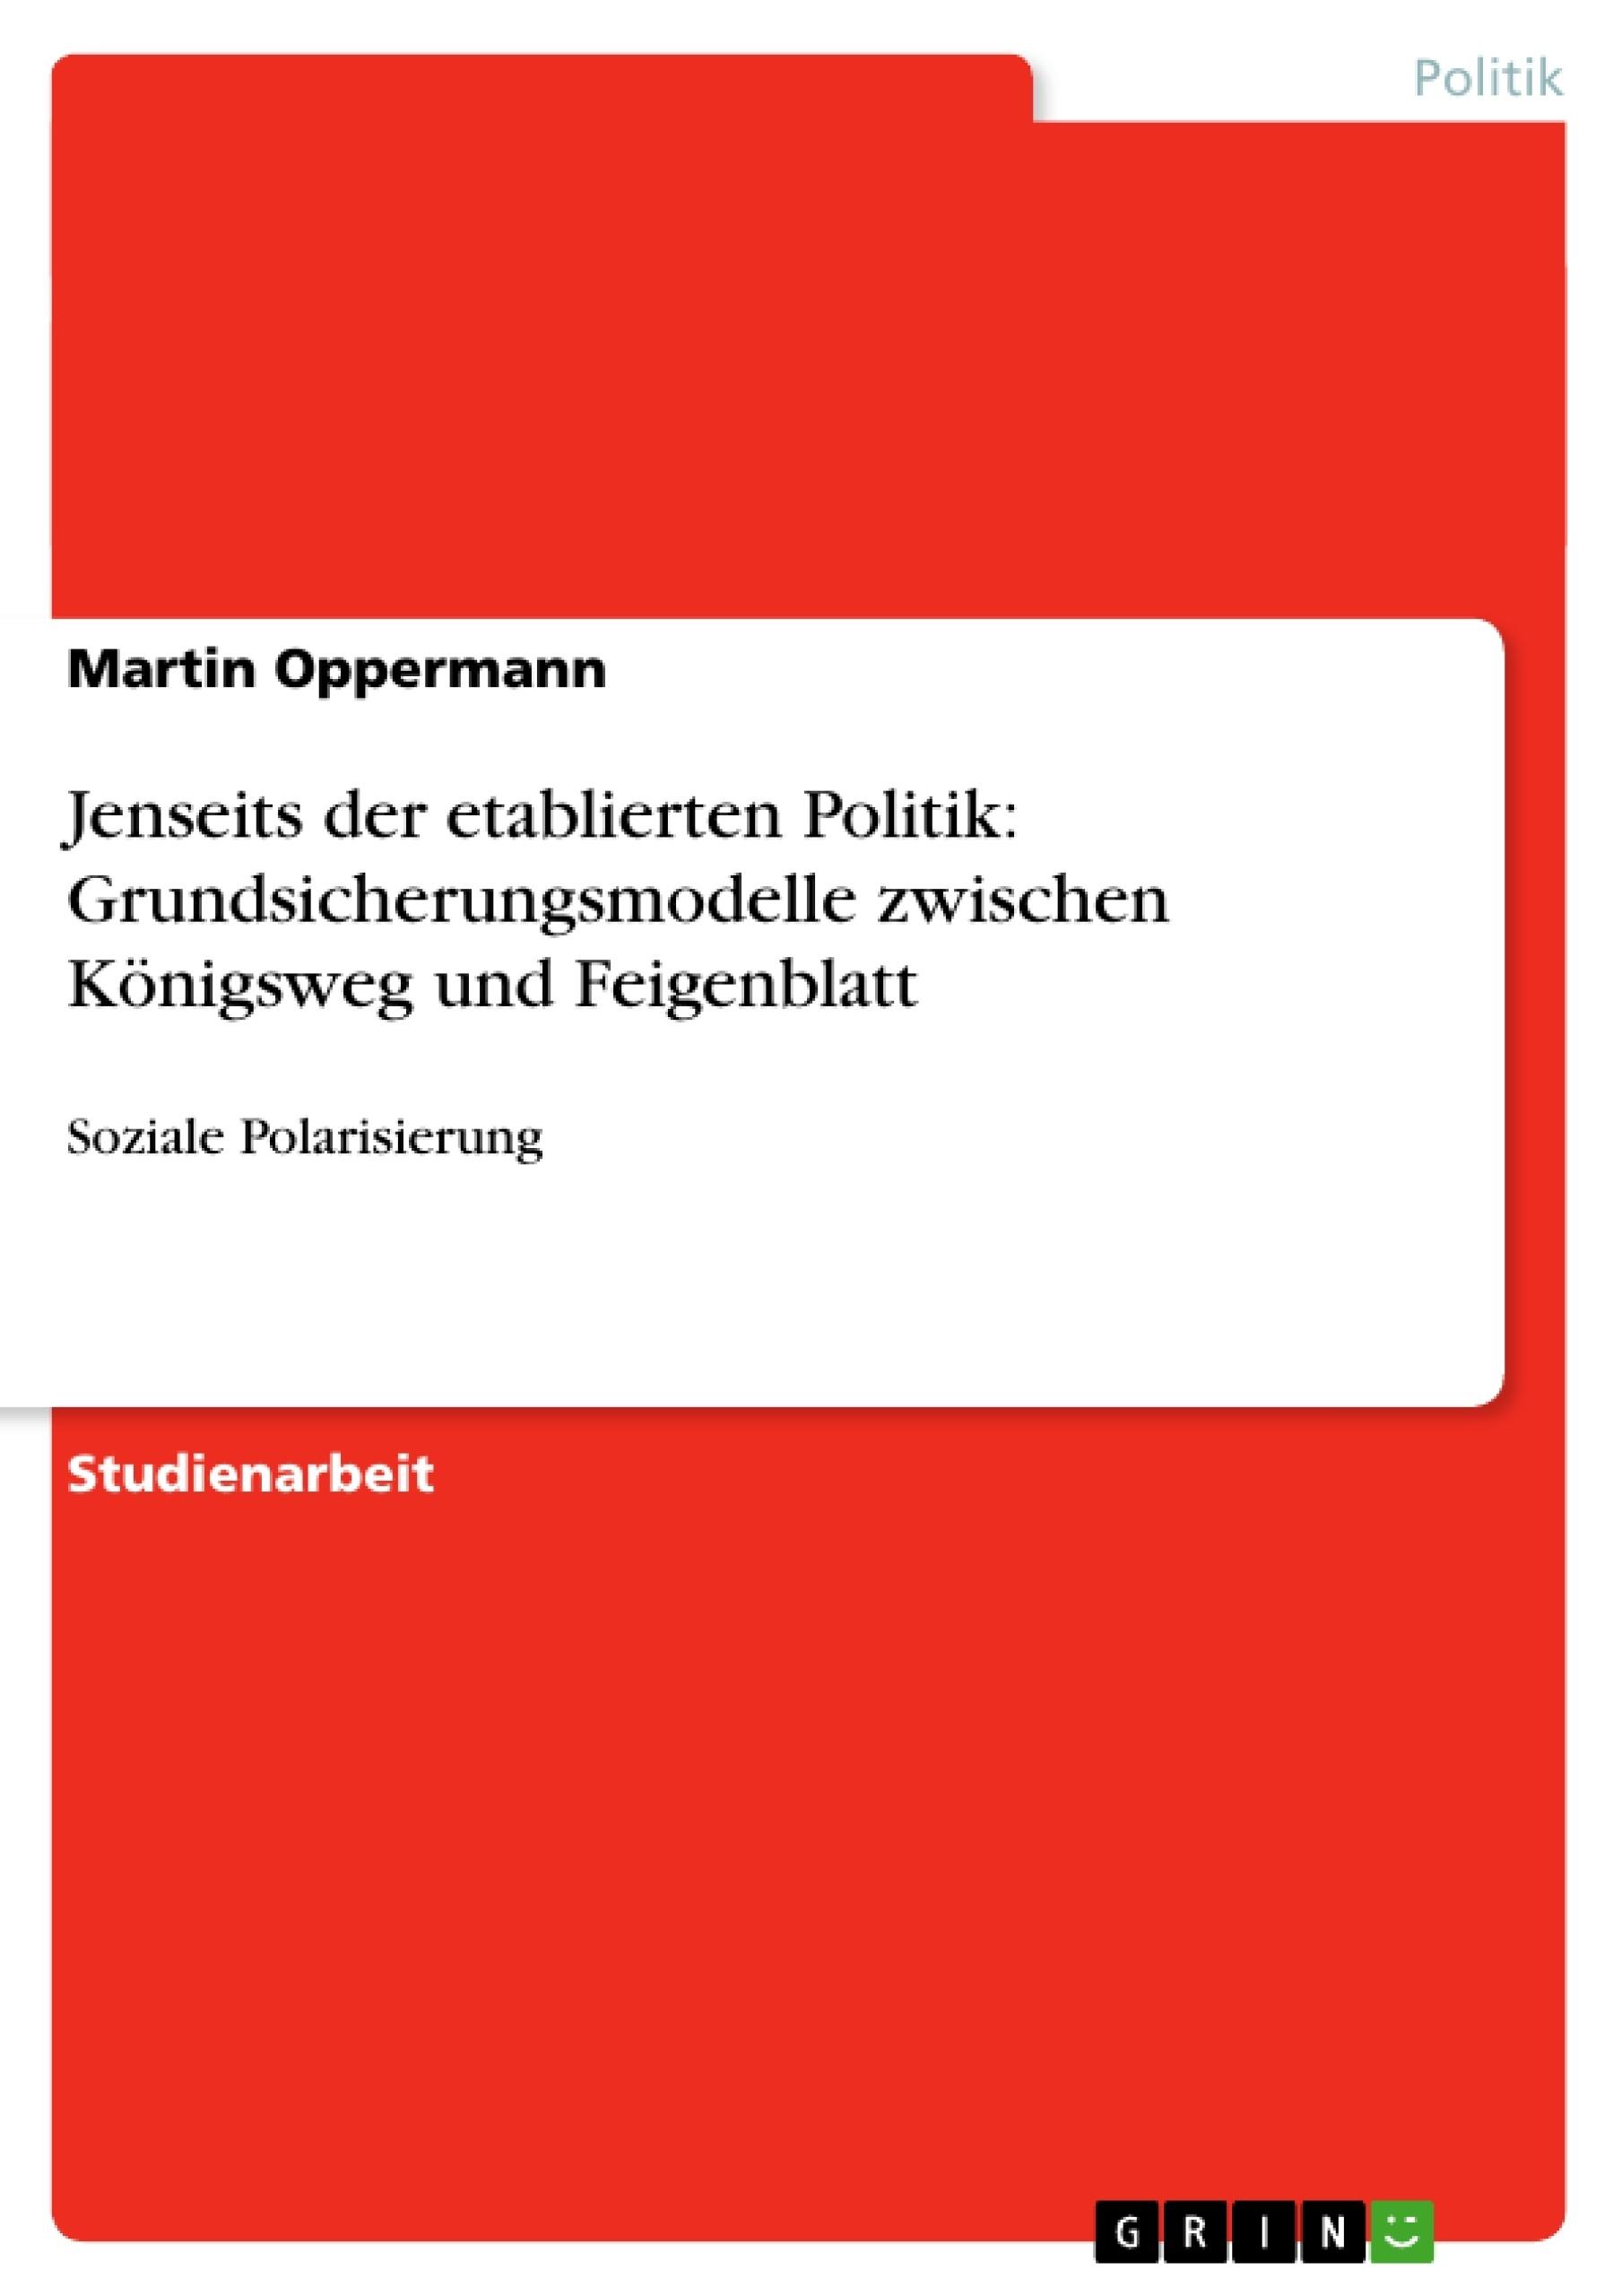 Titel: Jenseits der etablierten Politik: Grundsicherungsmodelle zwischen Königsweg und Feigenblatt